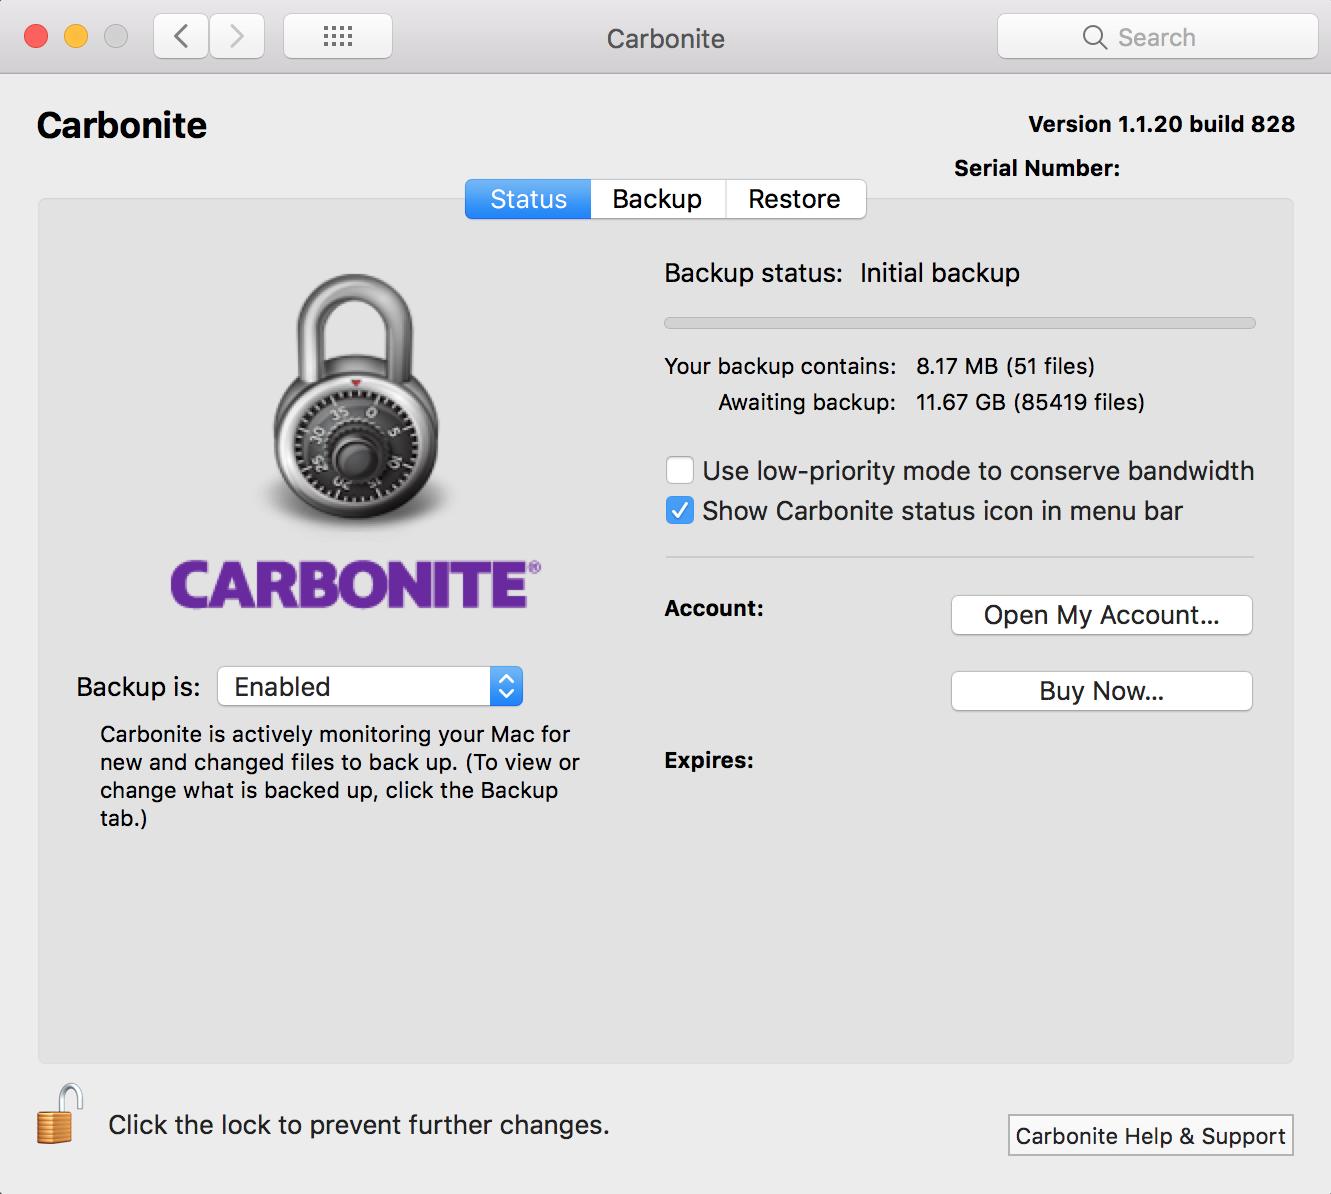 Carbonite Mac 1.x Client: Status